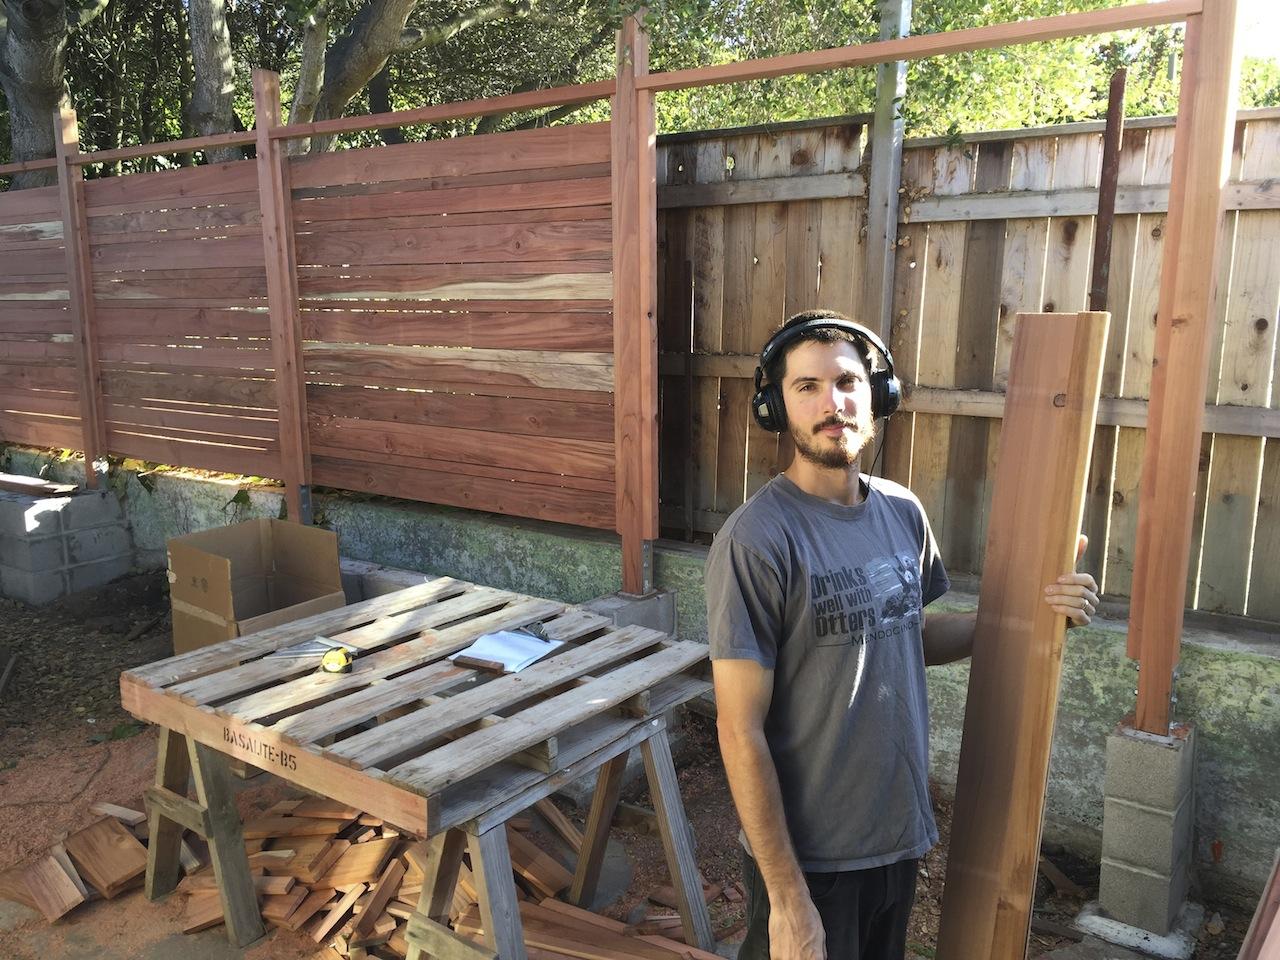 Sawyer / Lumber stacker extraordinaire: Ted De Gros